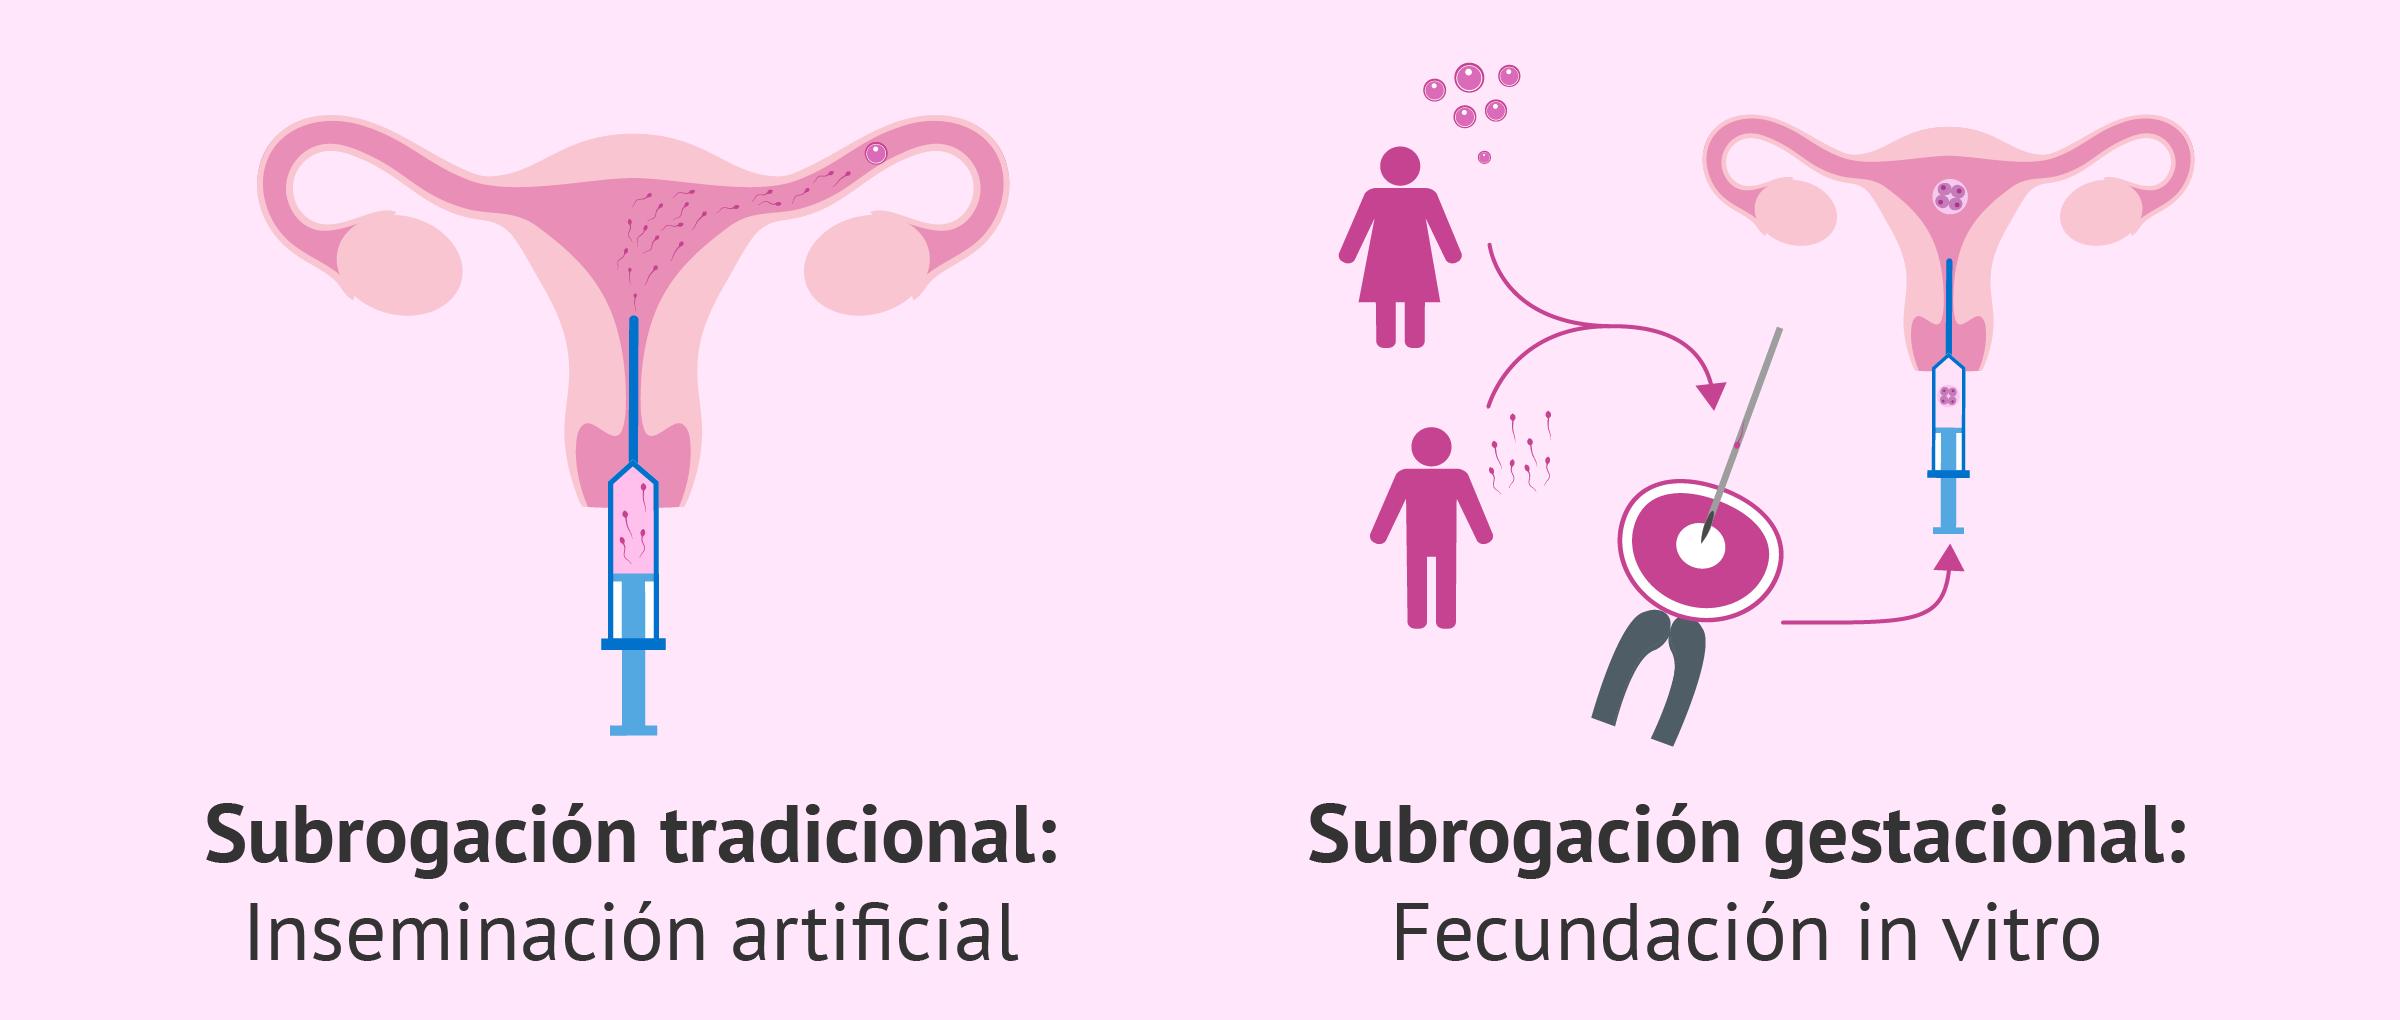 Gestación subrogada tradicional y subrogación gestacional